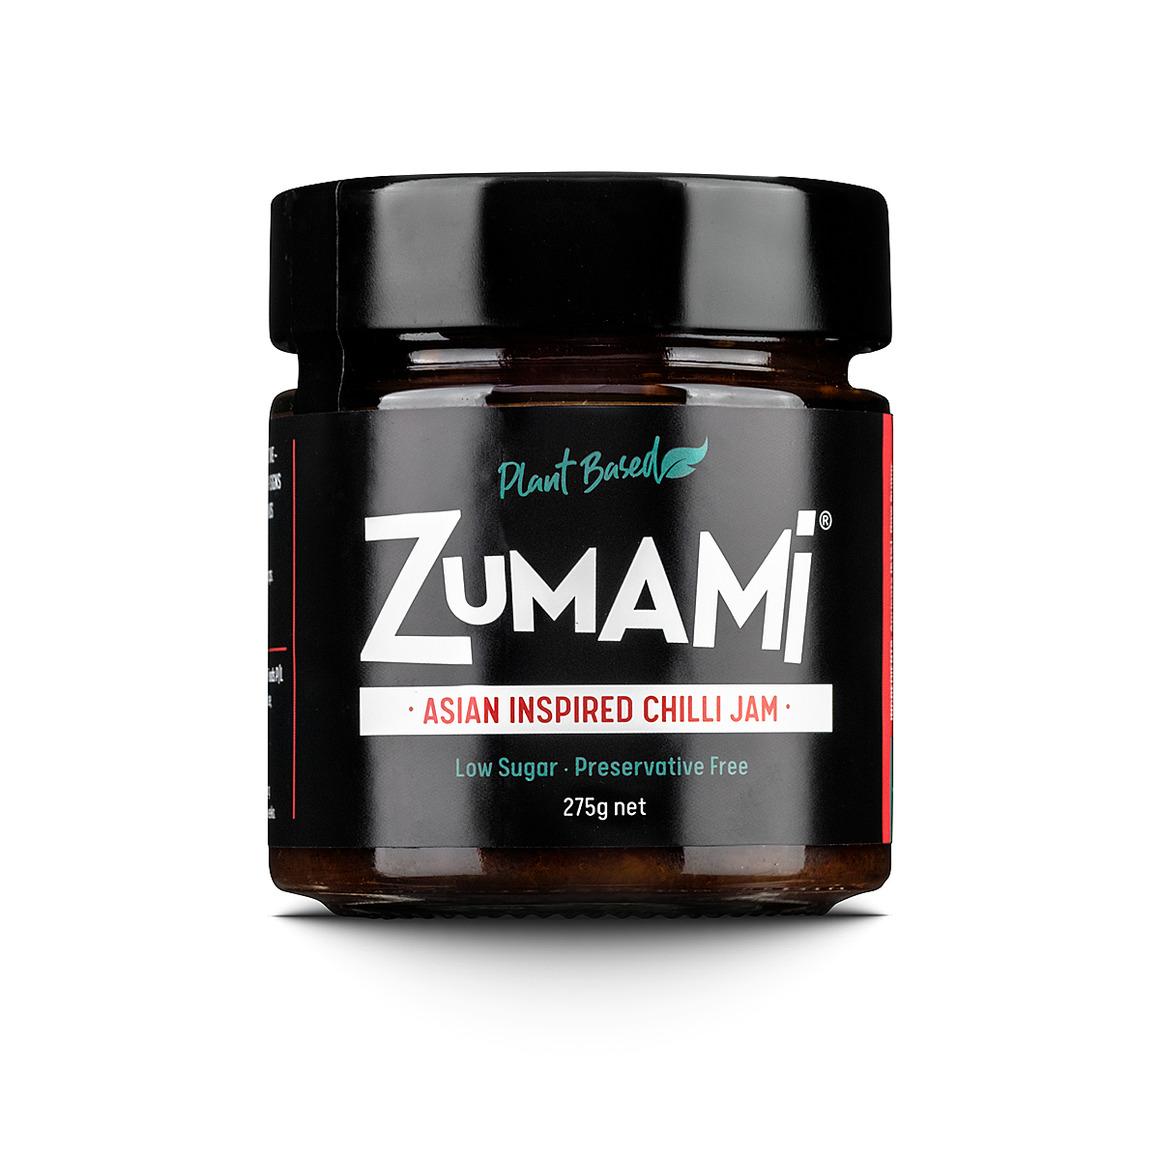 ZUMAMI- Plant Based Asian Inspired Chilli Jam | Trada Marketplace